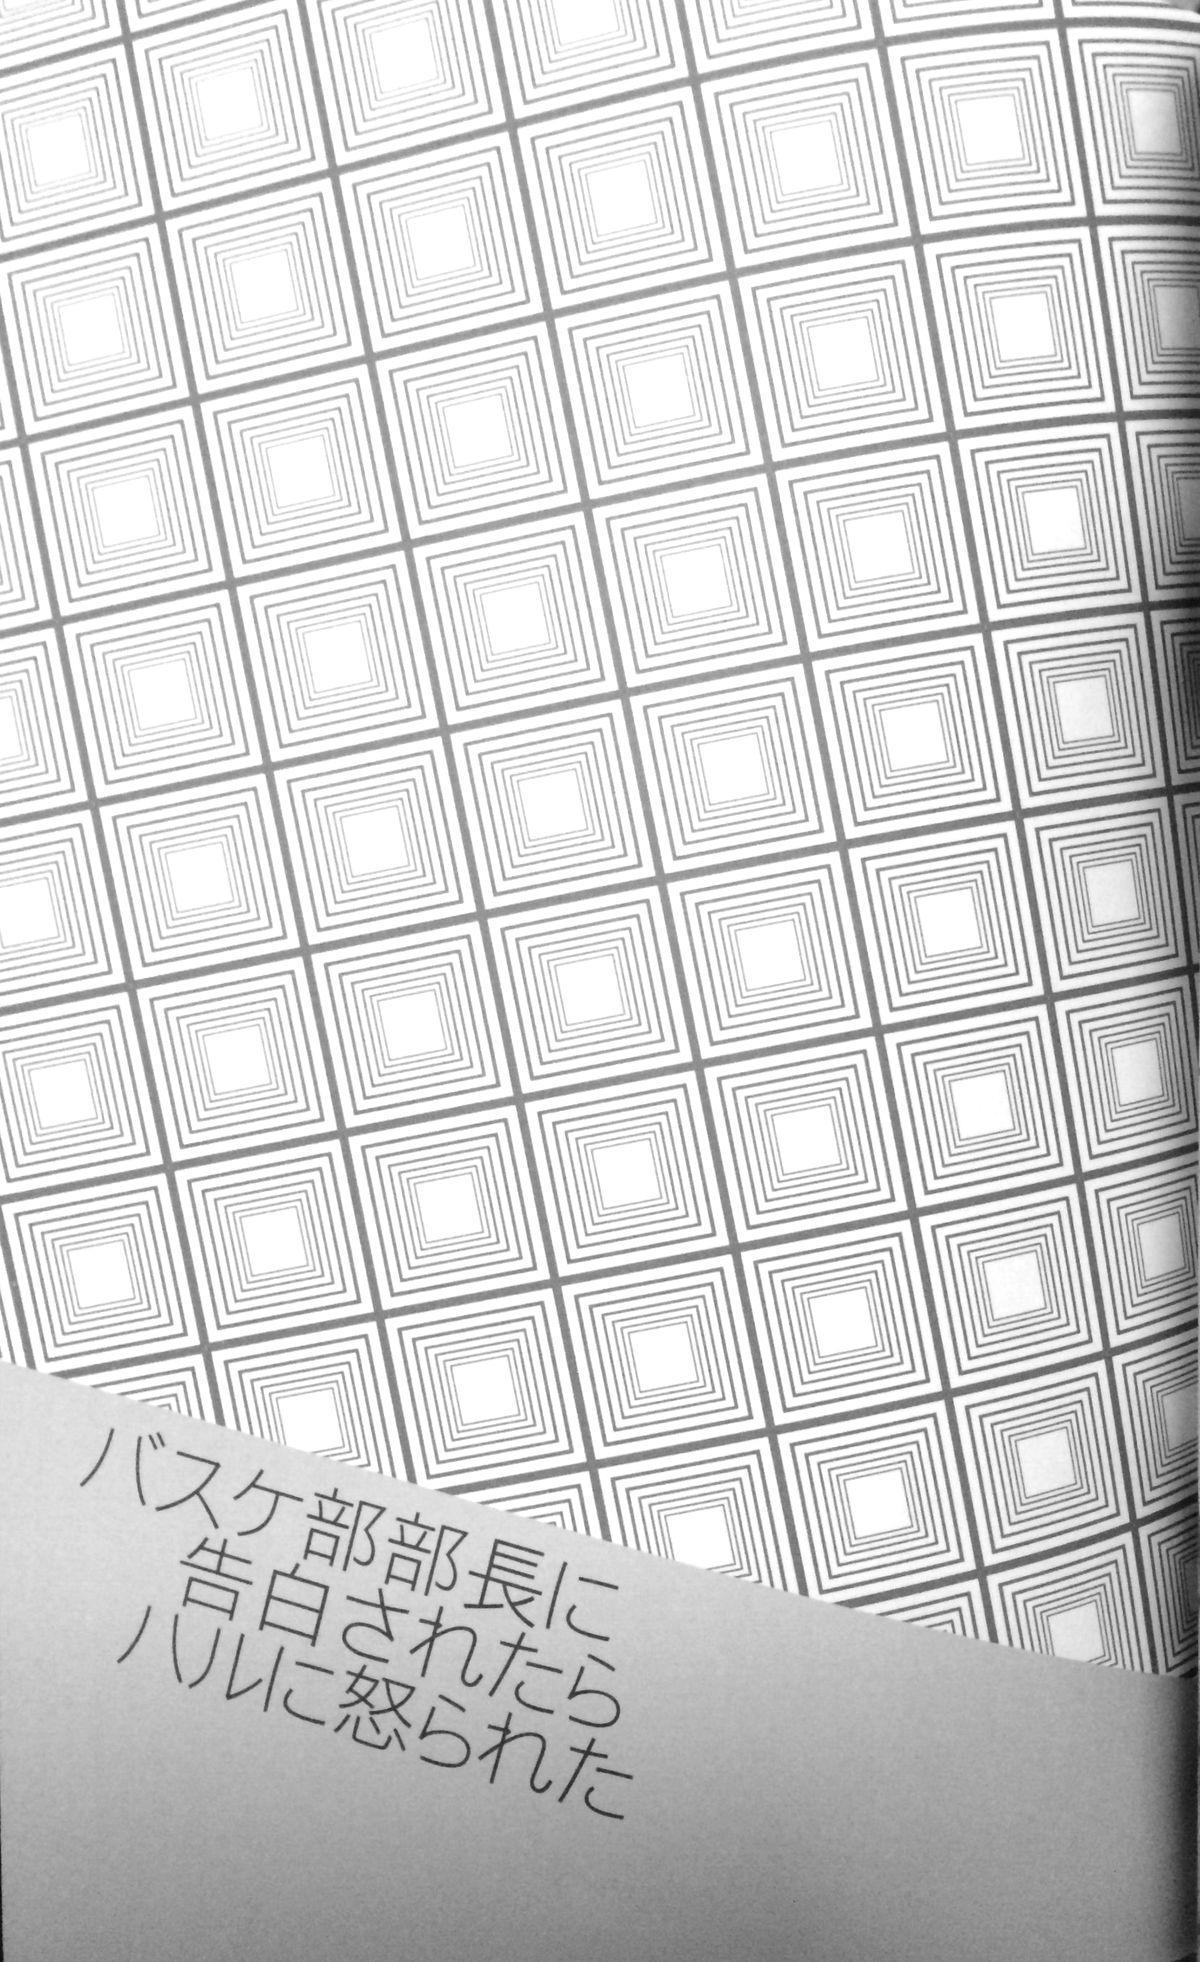 Basuke buchou ni Kokuhaku saretara Haru ni Okorareta 25